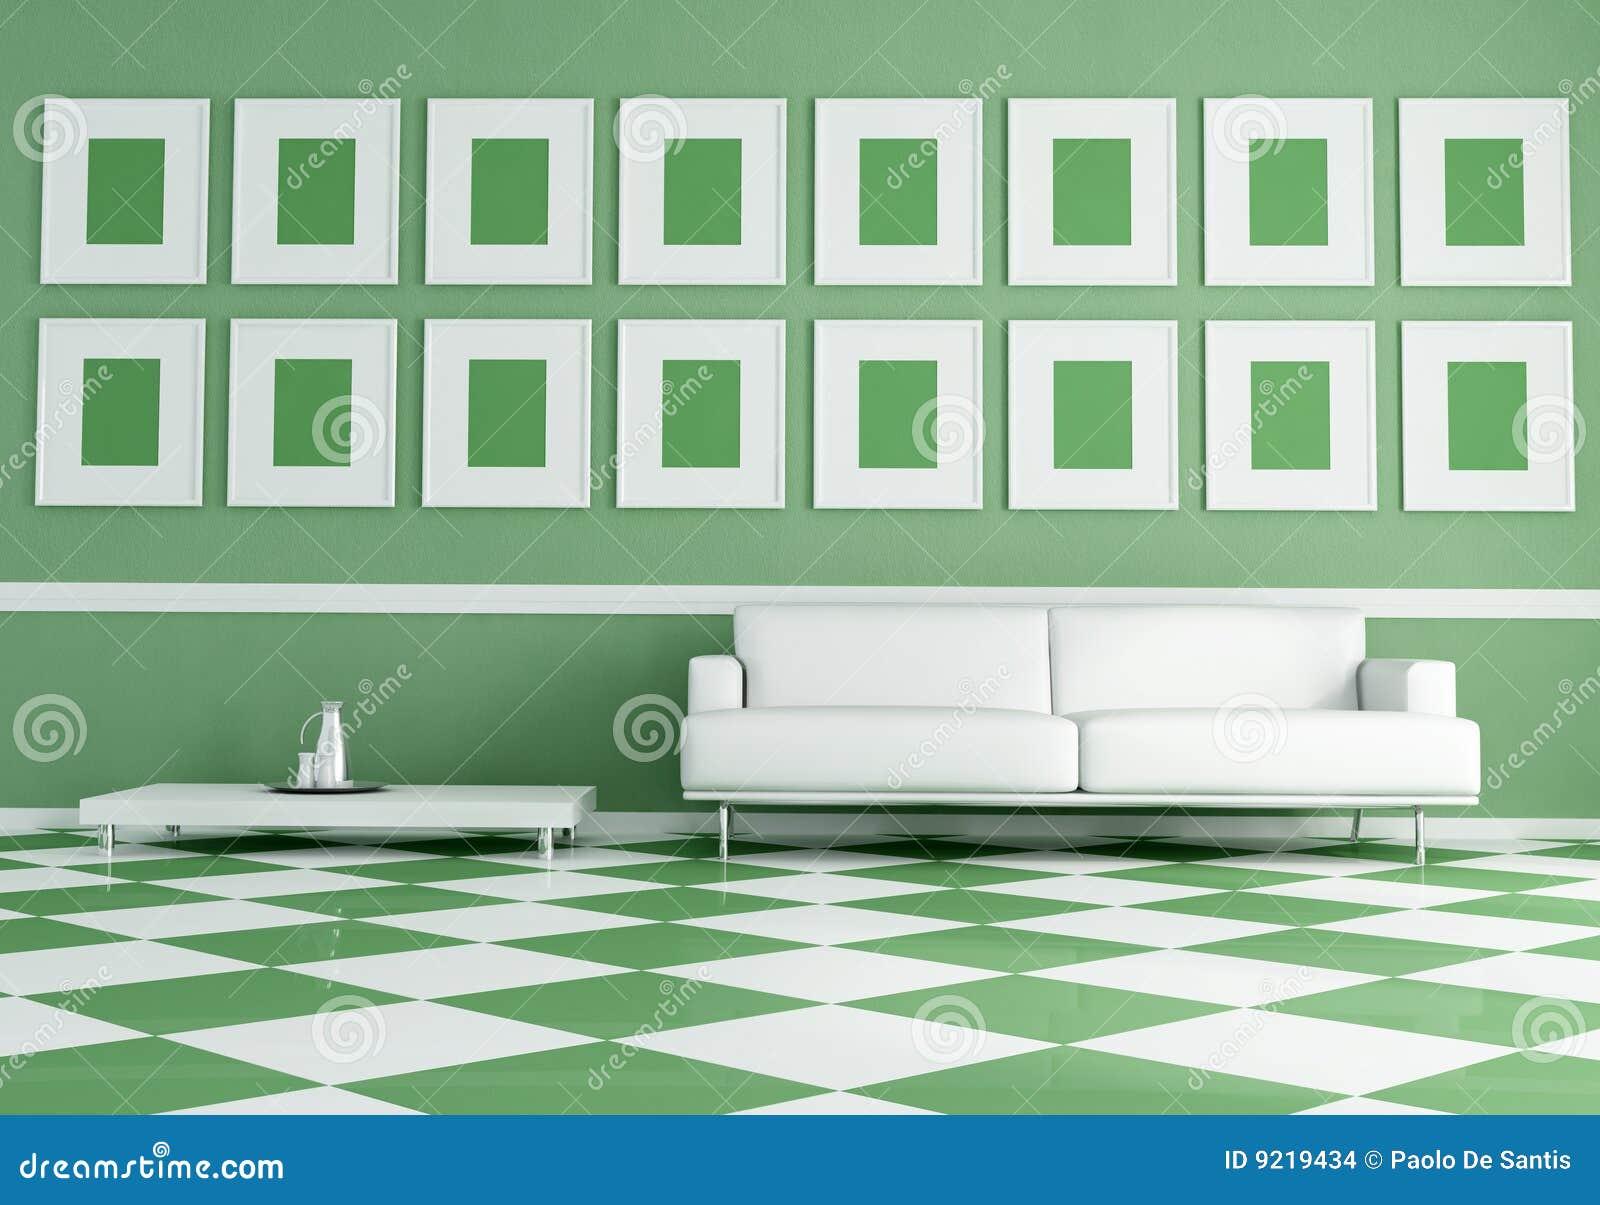 Bianco del sof di verde del pavimento della scacchiera for Disegni unici del pavimento